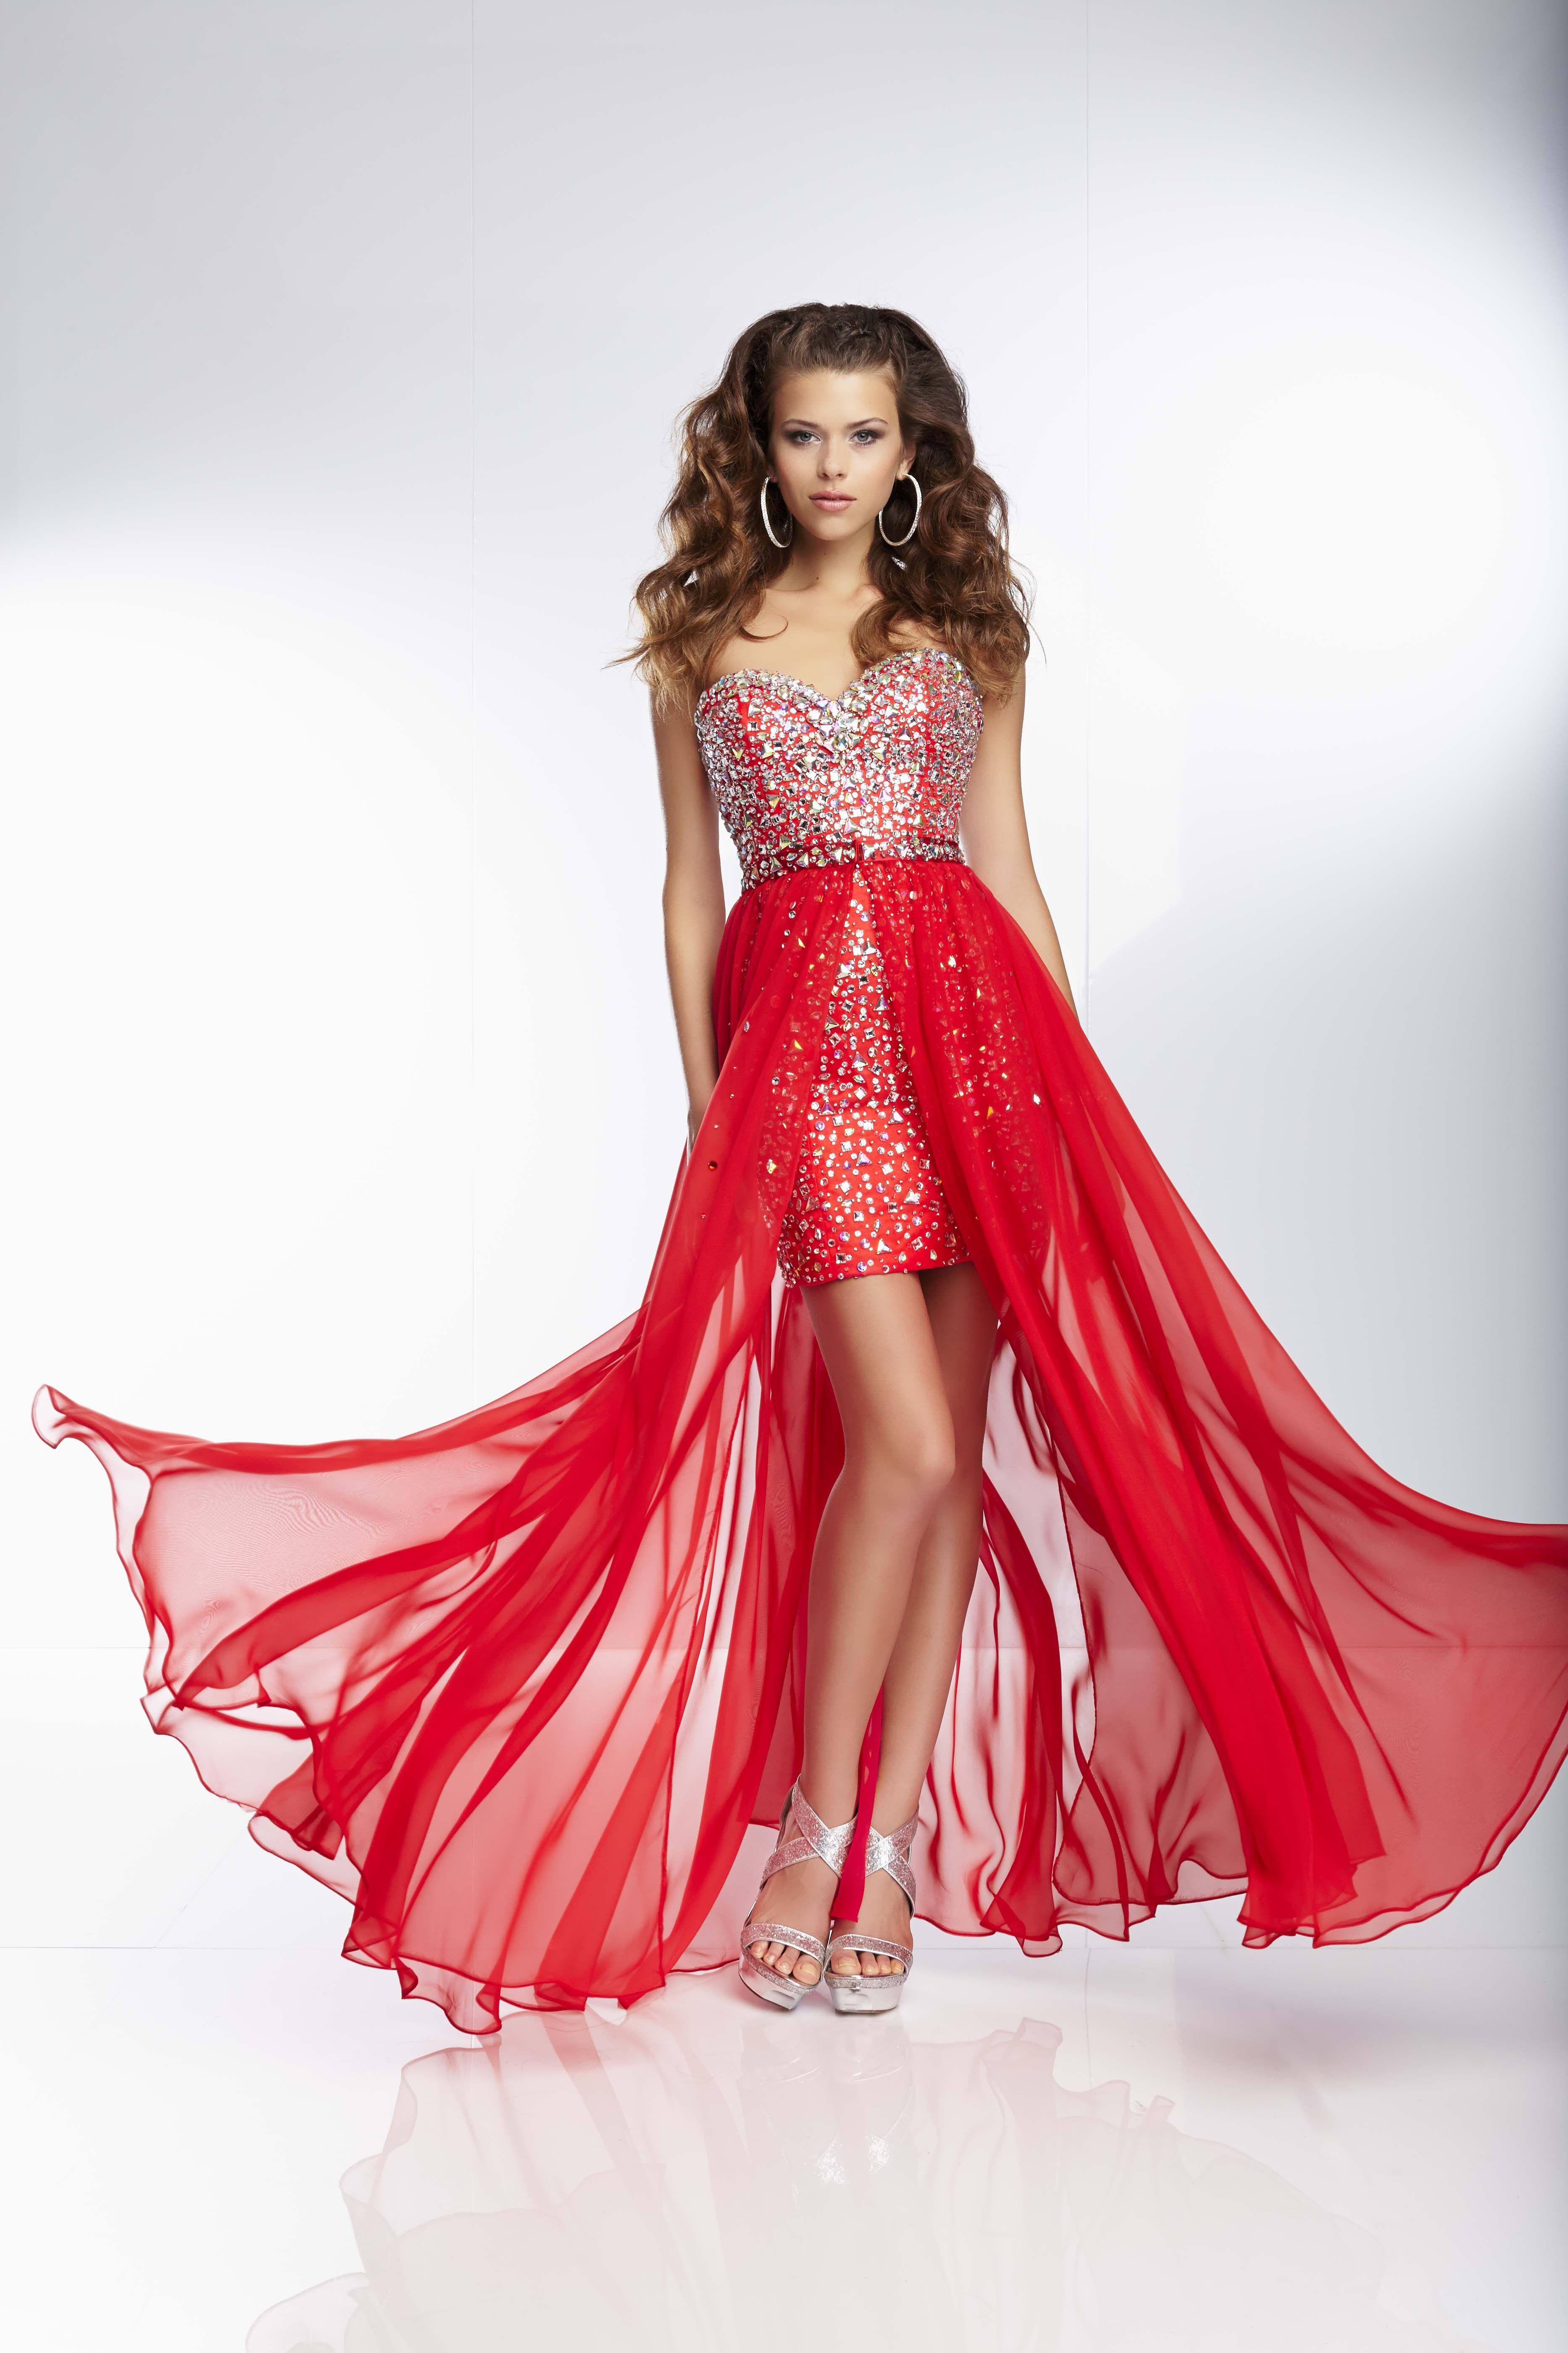 NOVINKA v salóne Diamond v Nitre! Zvodný a variabilný model NIKKI s odnímateľnou hodvábnou sukňou značky Mori Lee z Vás vykúzli neodolateľnú Femme Fatale.